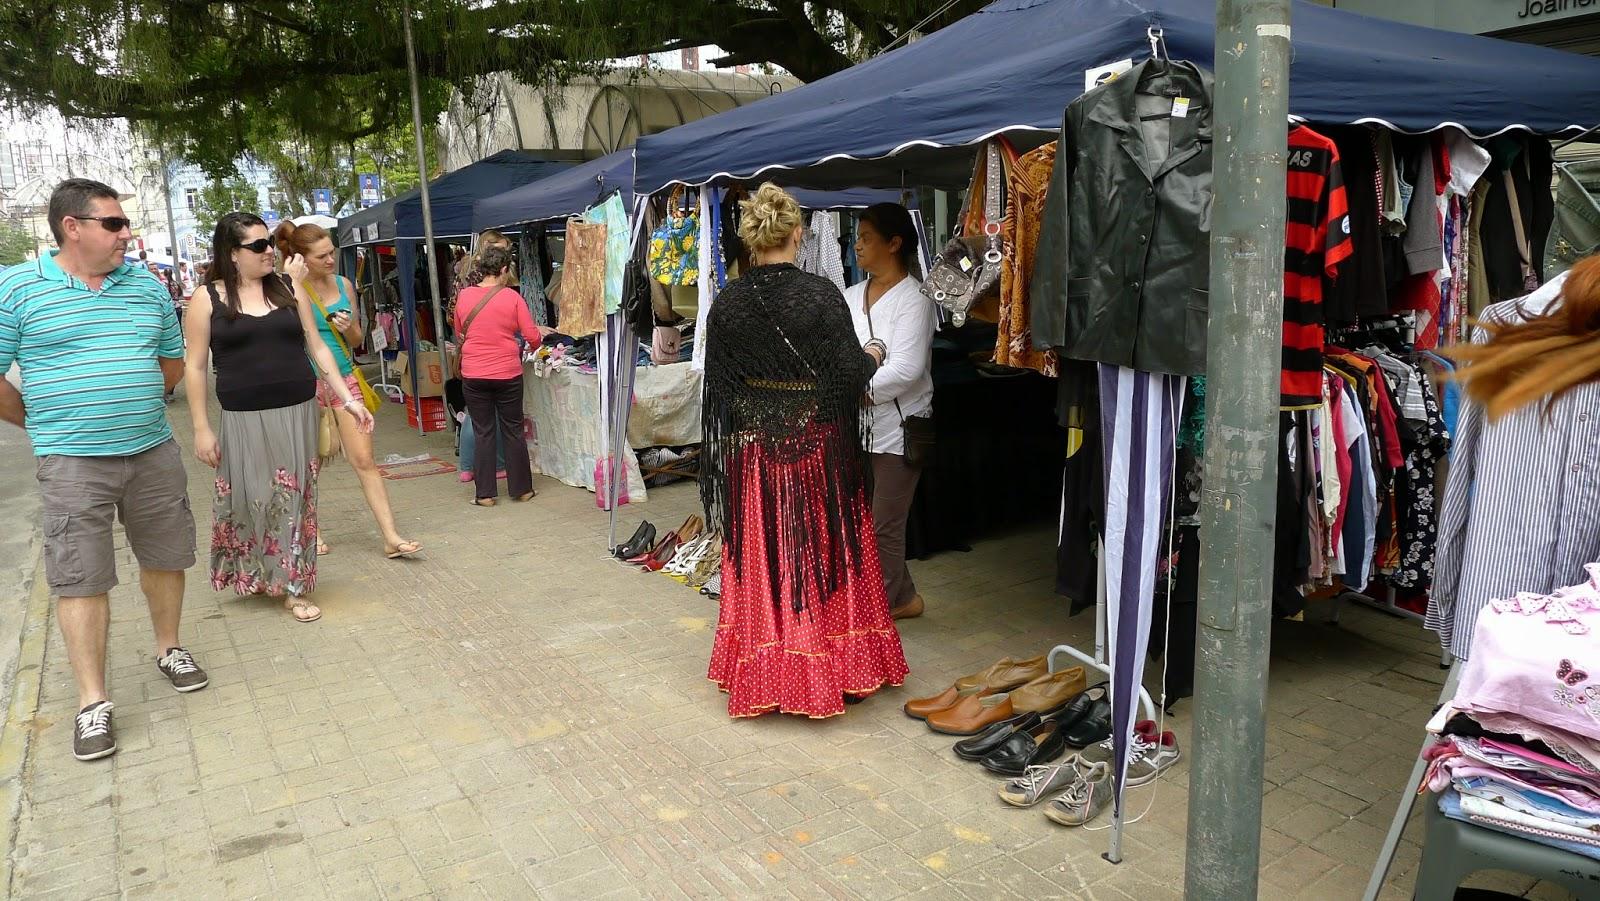 Aparadores Vintage El Corte Ingles ~ Raquel Superlinda Feira de Artesanato de Joinville